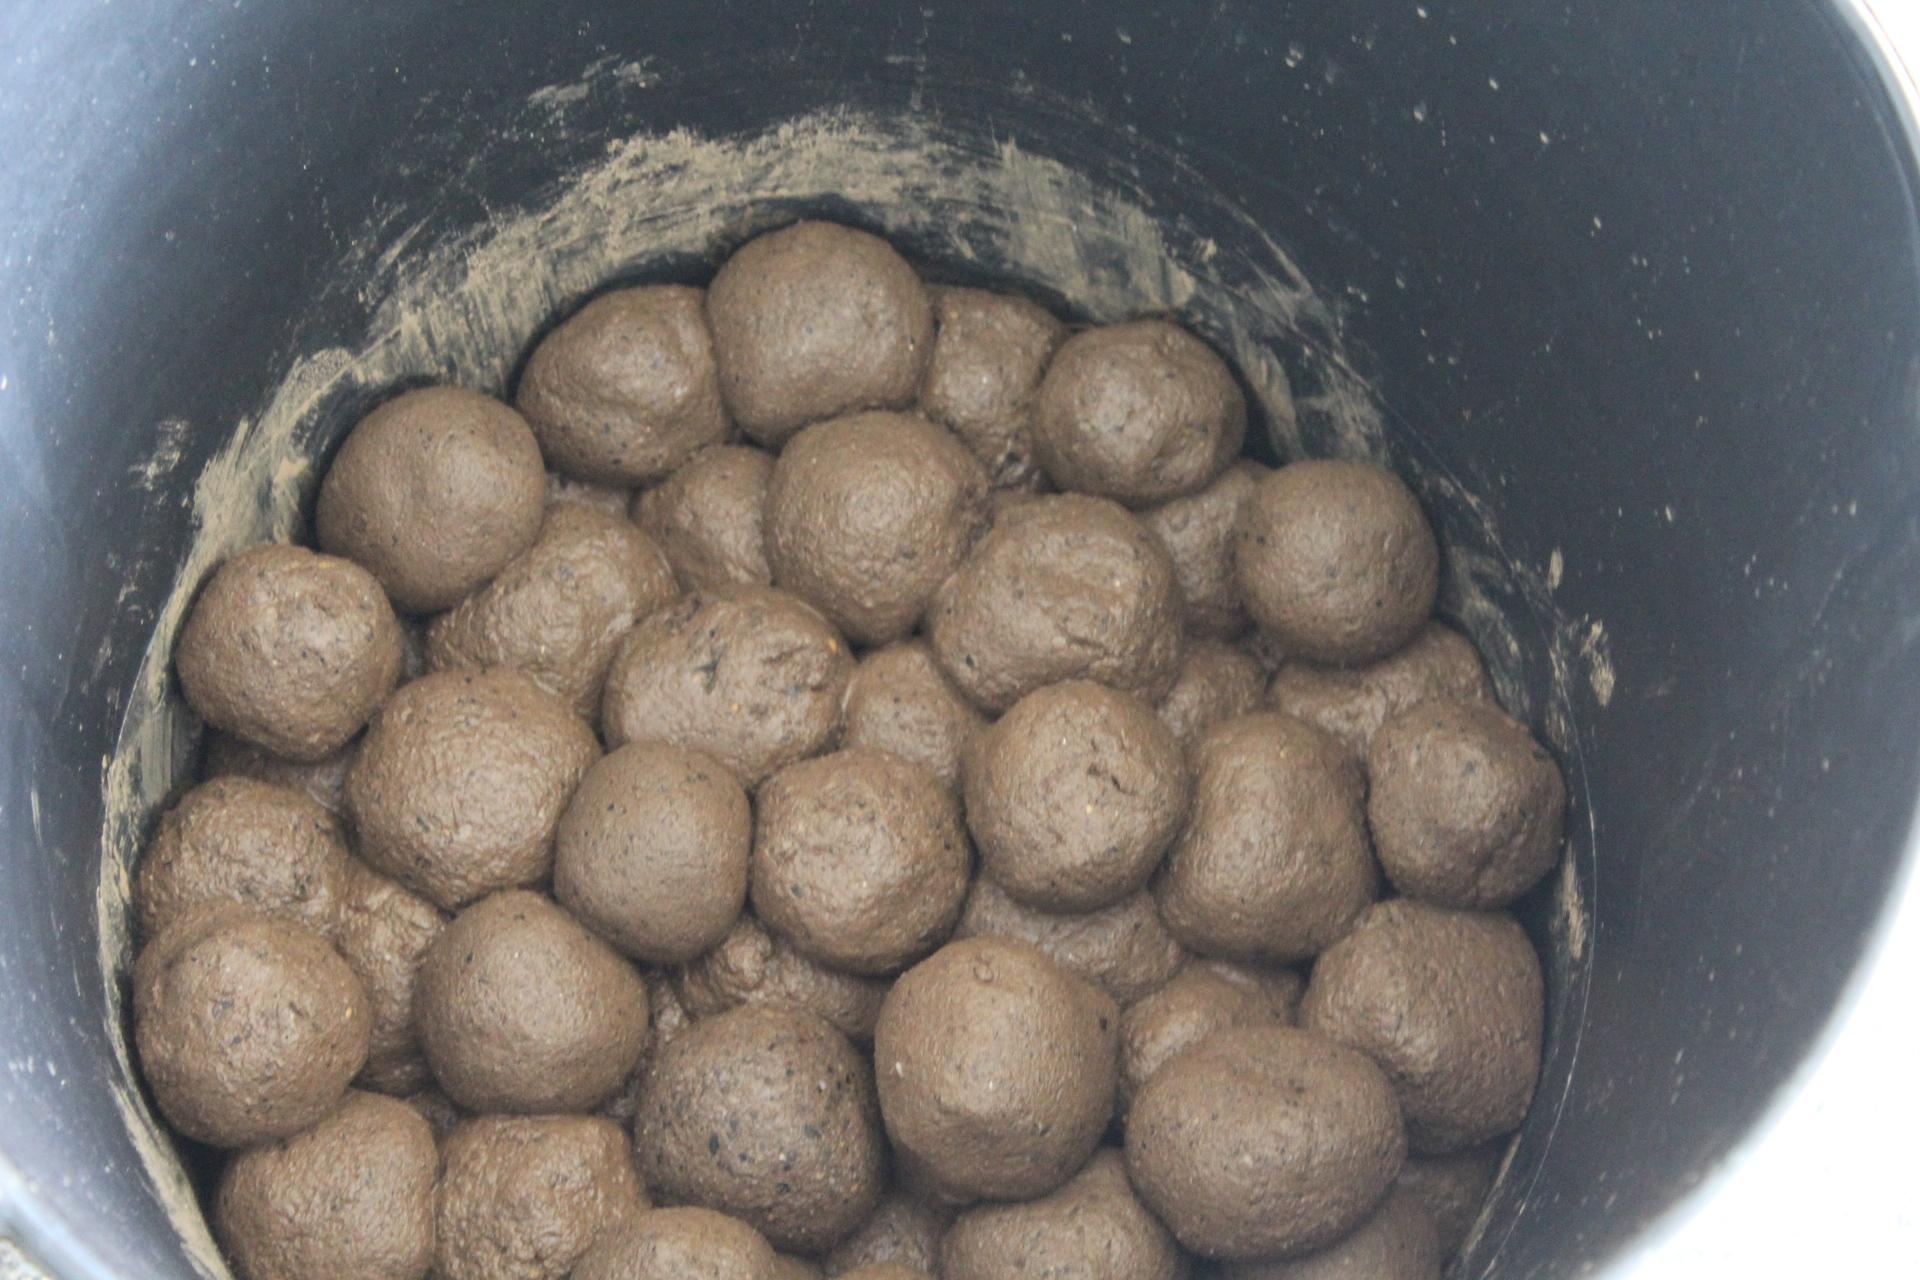 Alunos de Macedo criam bolas de sementes para ajudar a reflorestar zonas ardidas do concelho